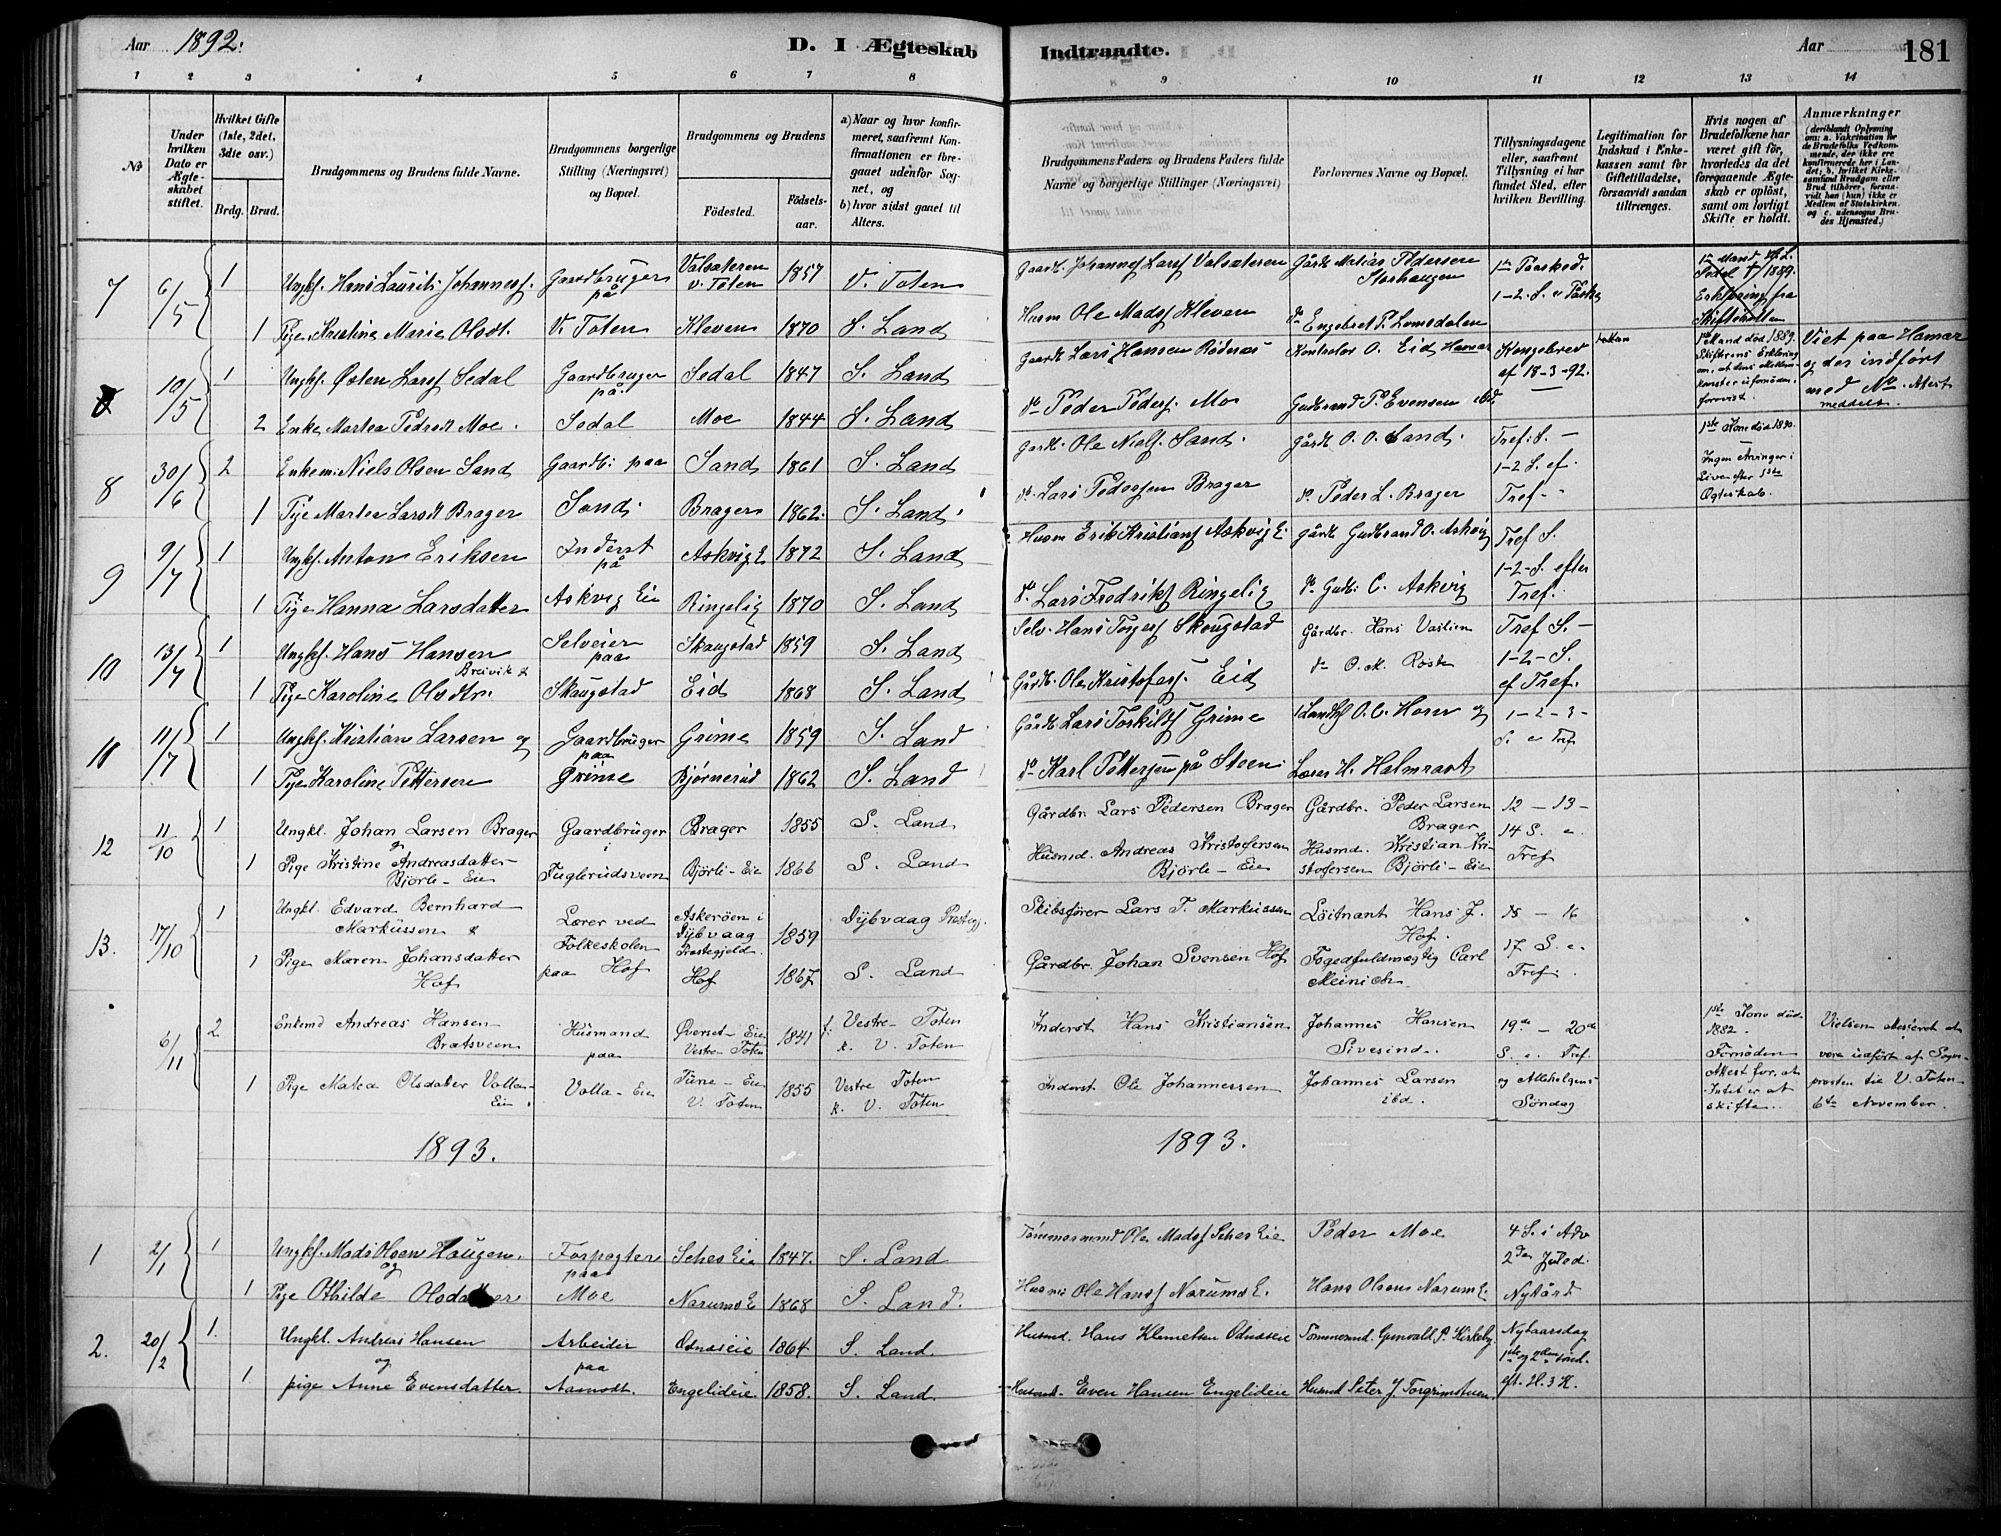 SAH, Søndre Land prestekontor, K/L0003: Ministerialbok nr. 3, 1878-1894, s. 181